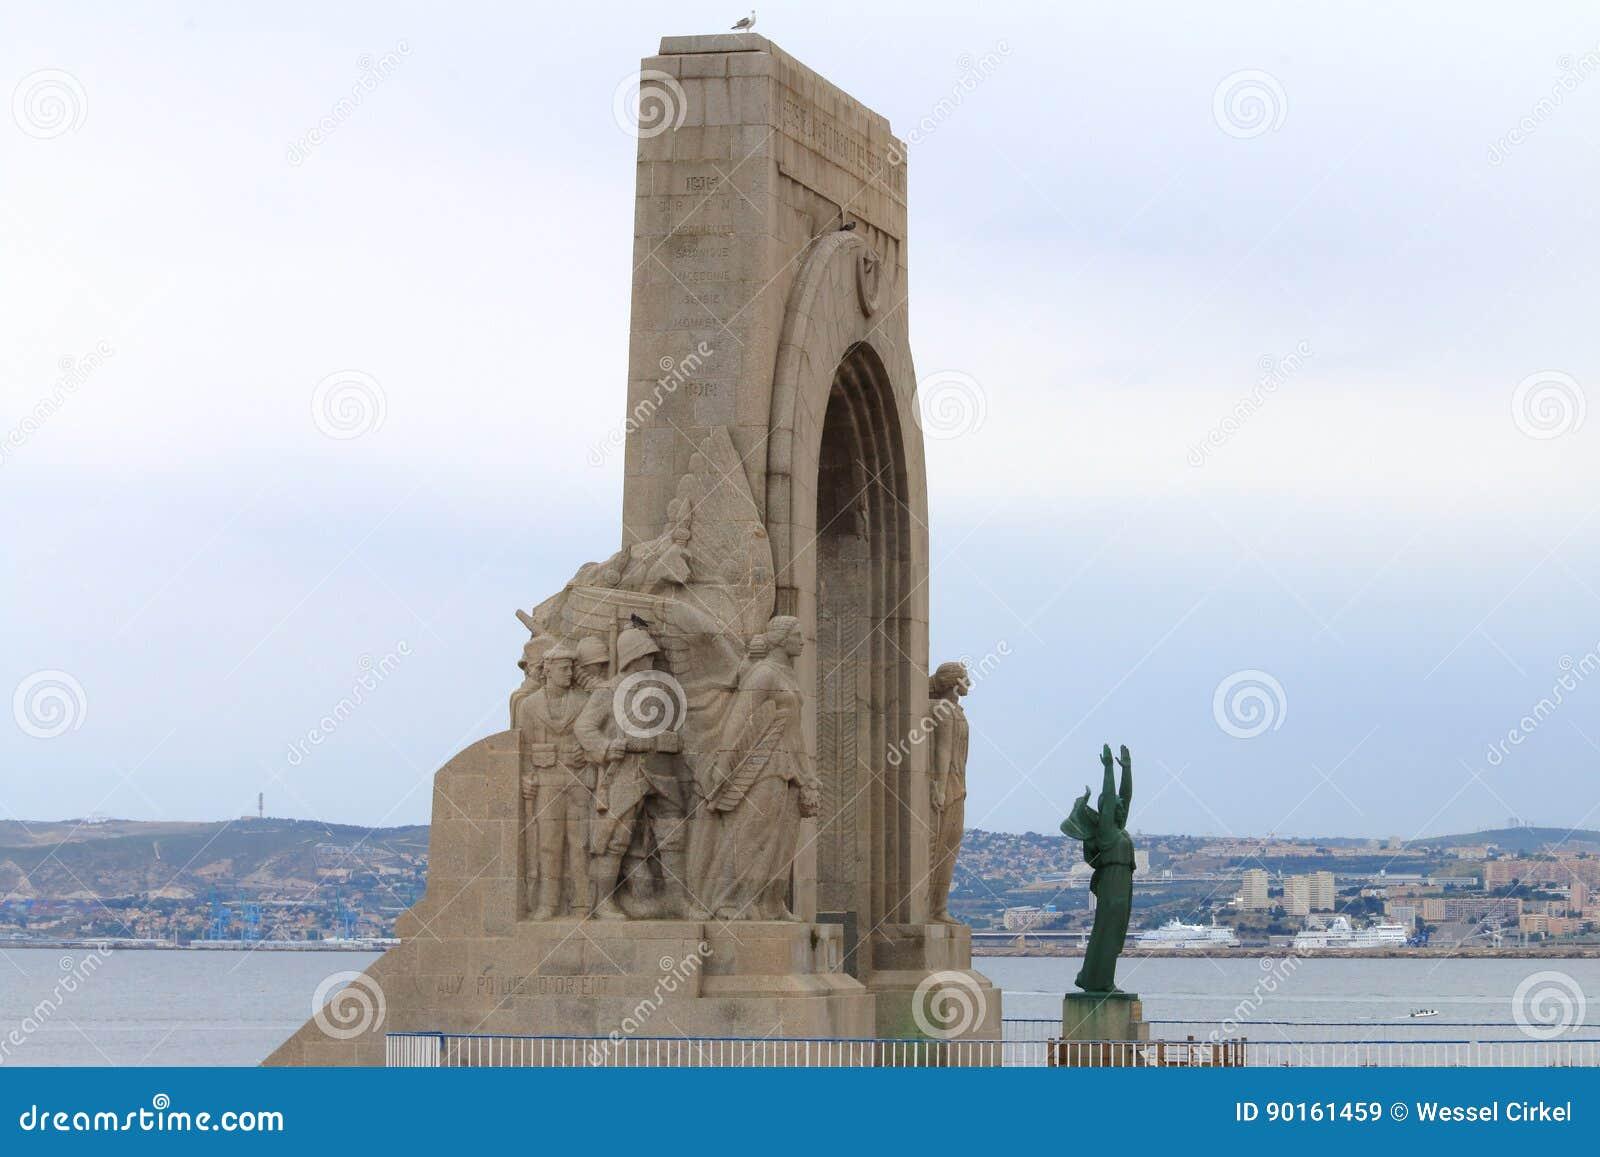 Πρώτο μνημείο παγκόσμιου πολέμου Vallon des Auffes κοντά στη Μασσαλία